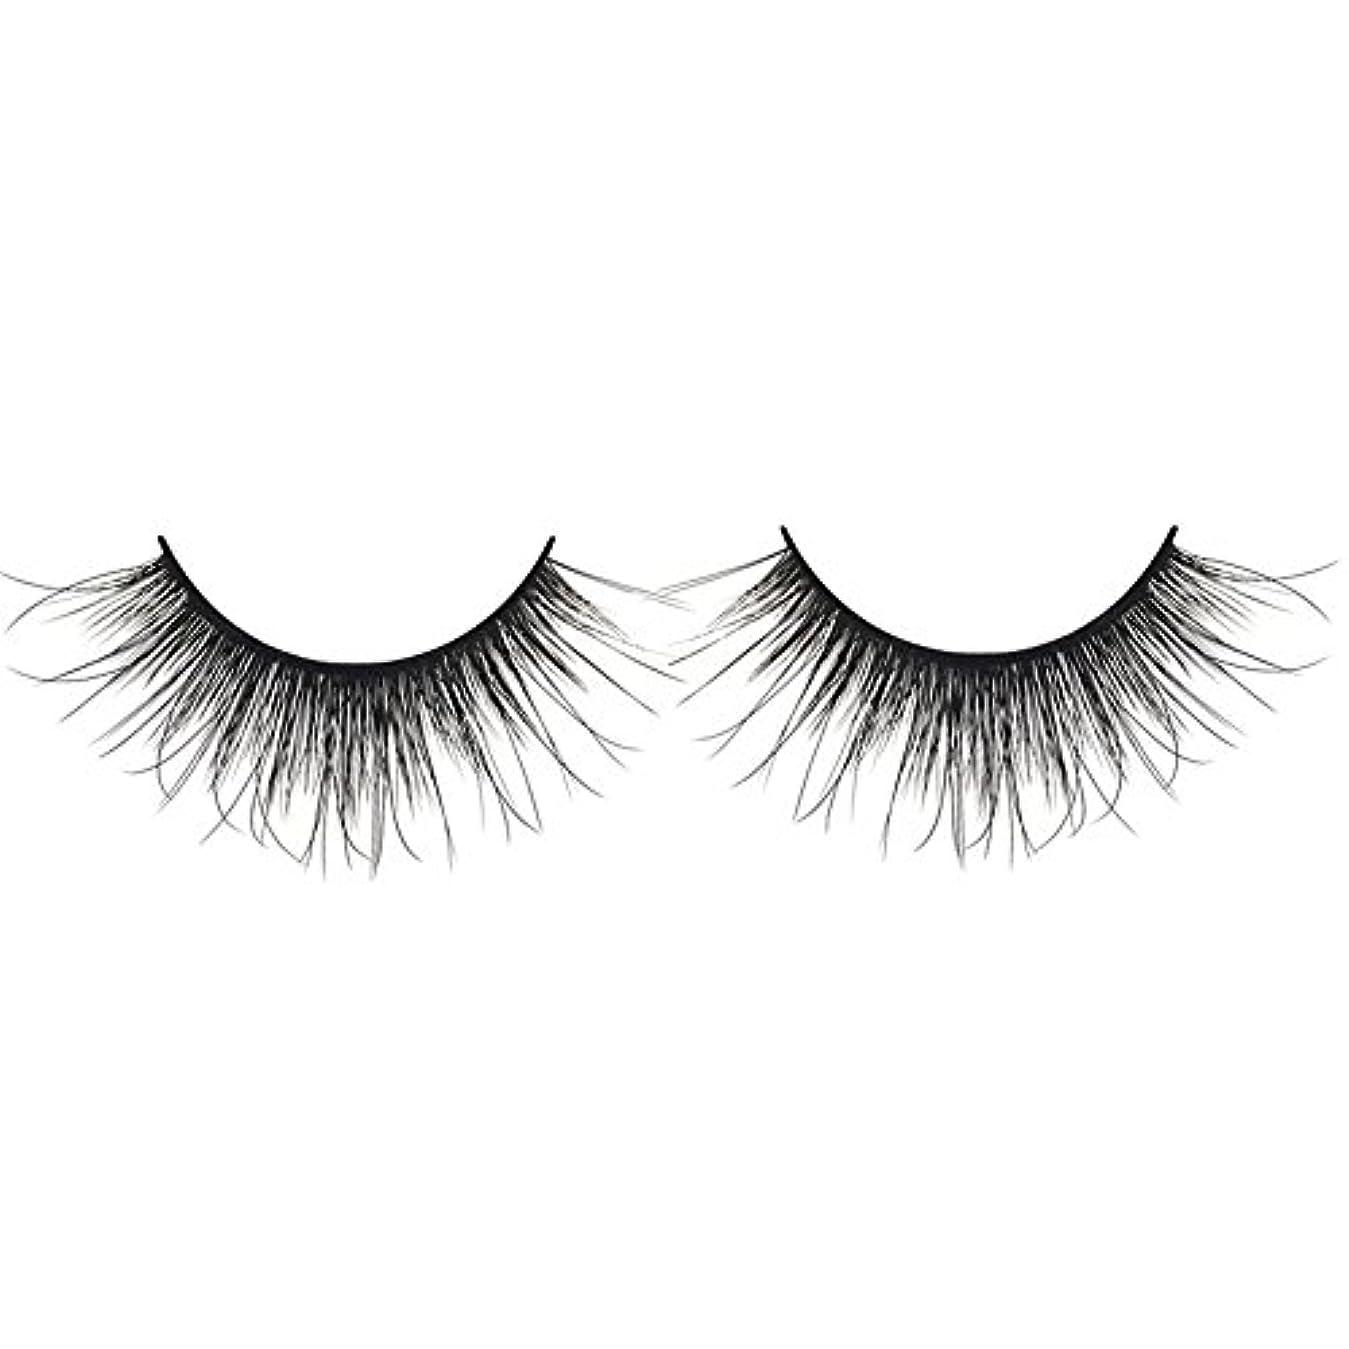 延ばす増強見込み黒の3D人工ミンクの髪のソフトロングナチュラルメイクアップアイまつ毛スレンダー